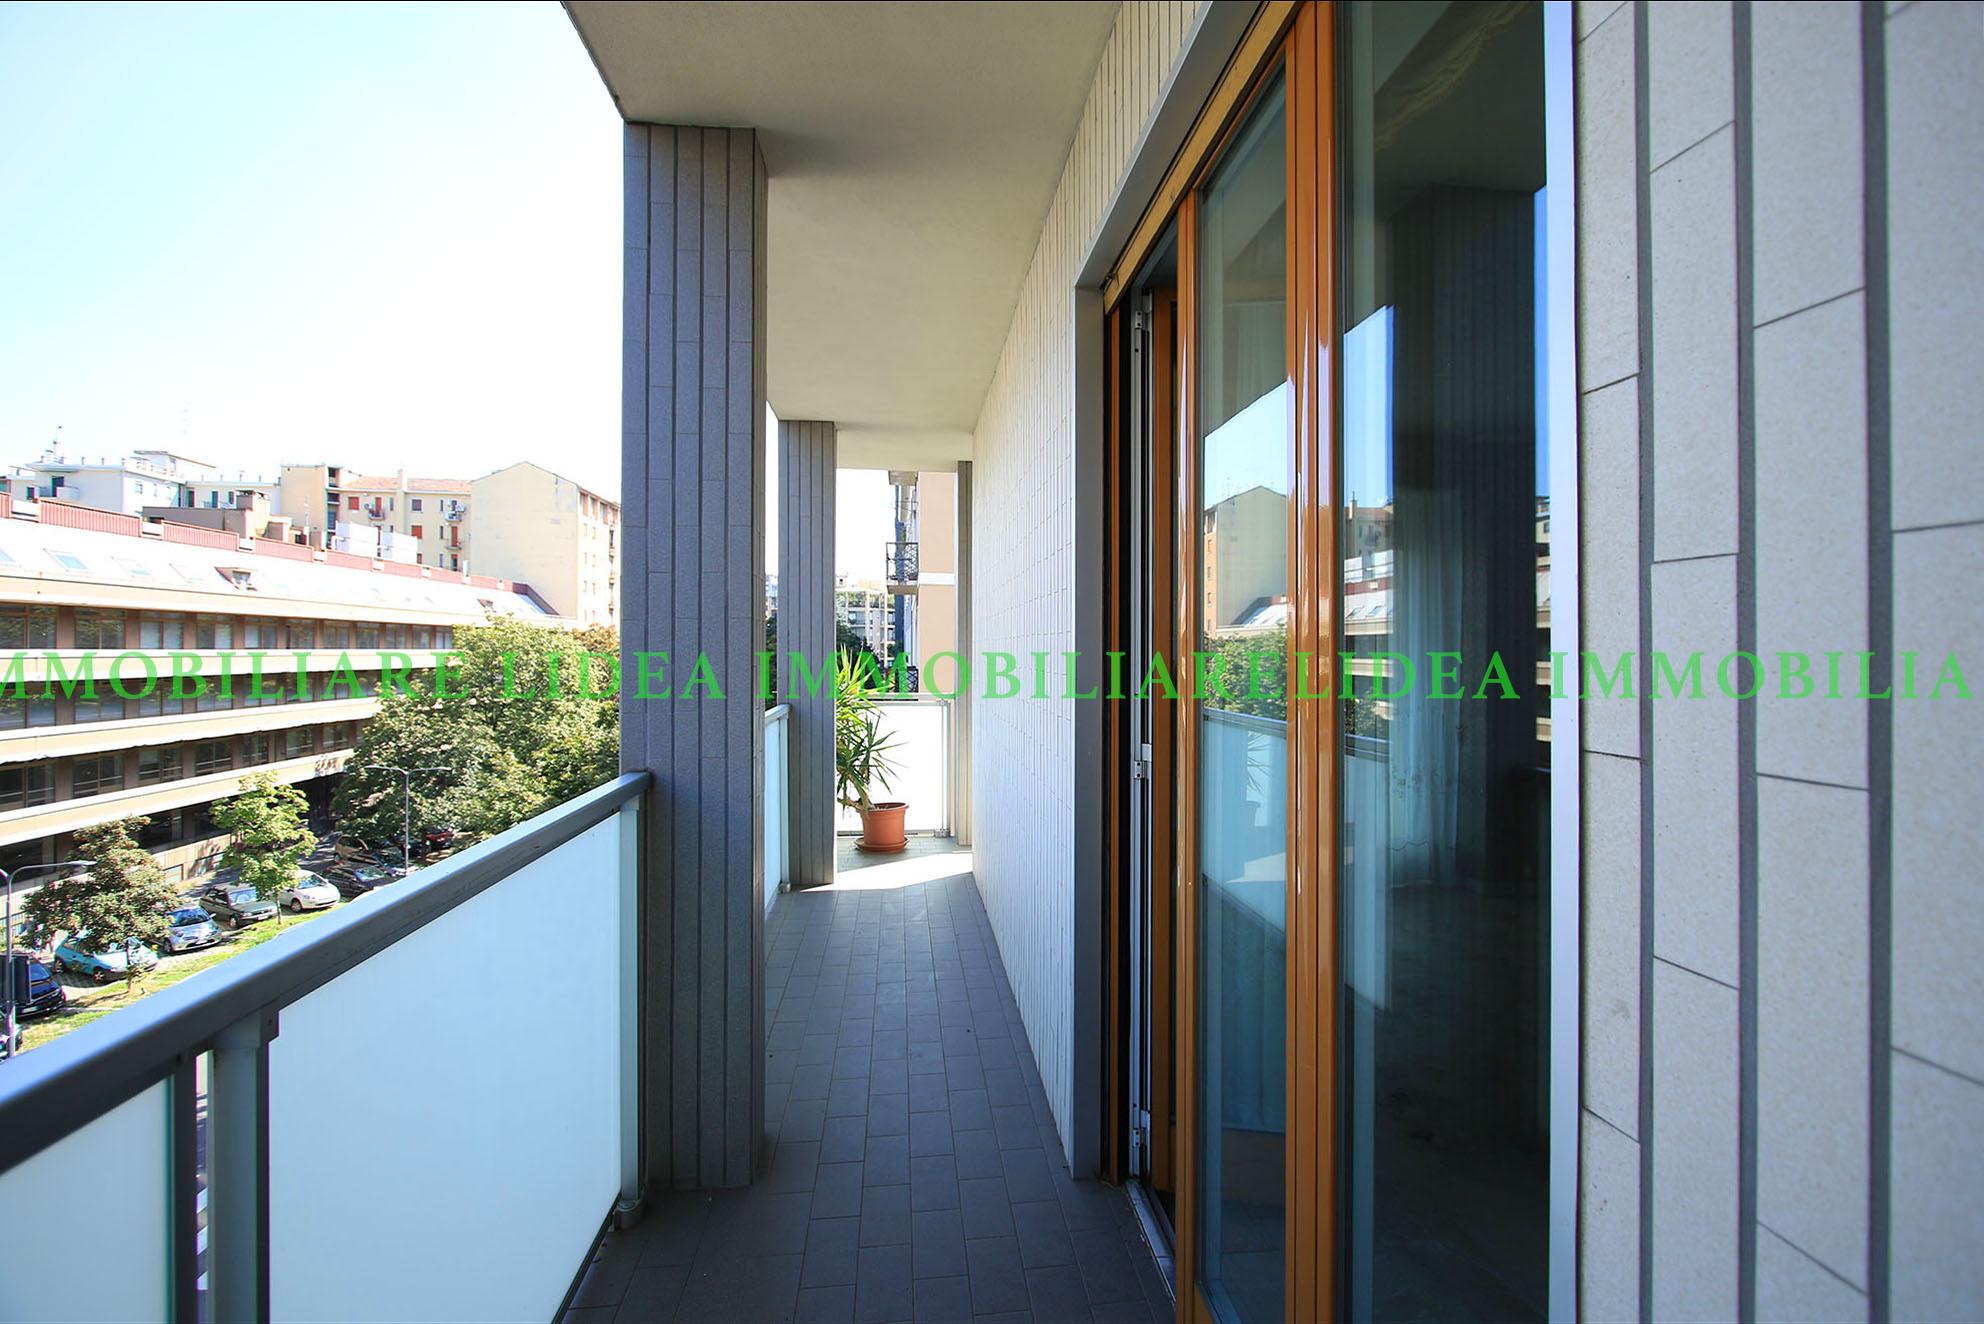 Appartamento nelle immediate vicinanze di Via Washington, Milano